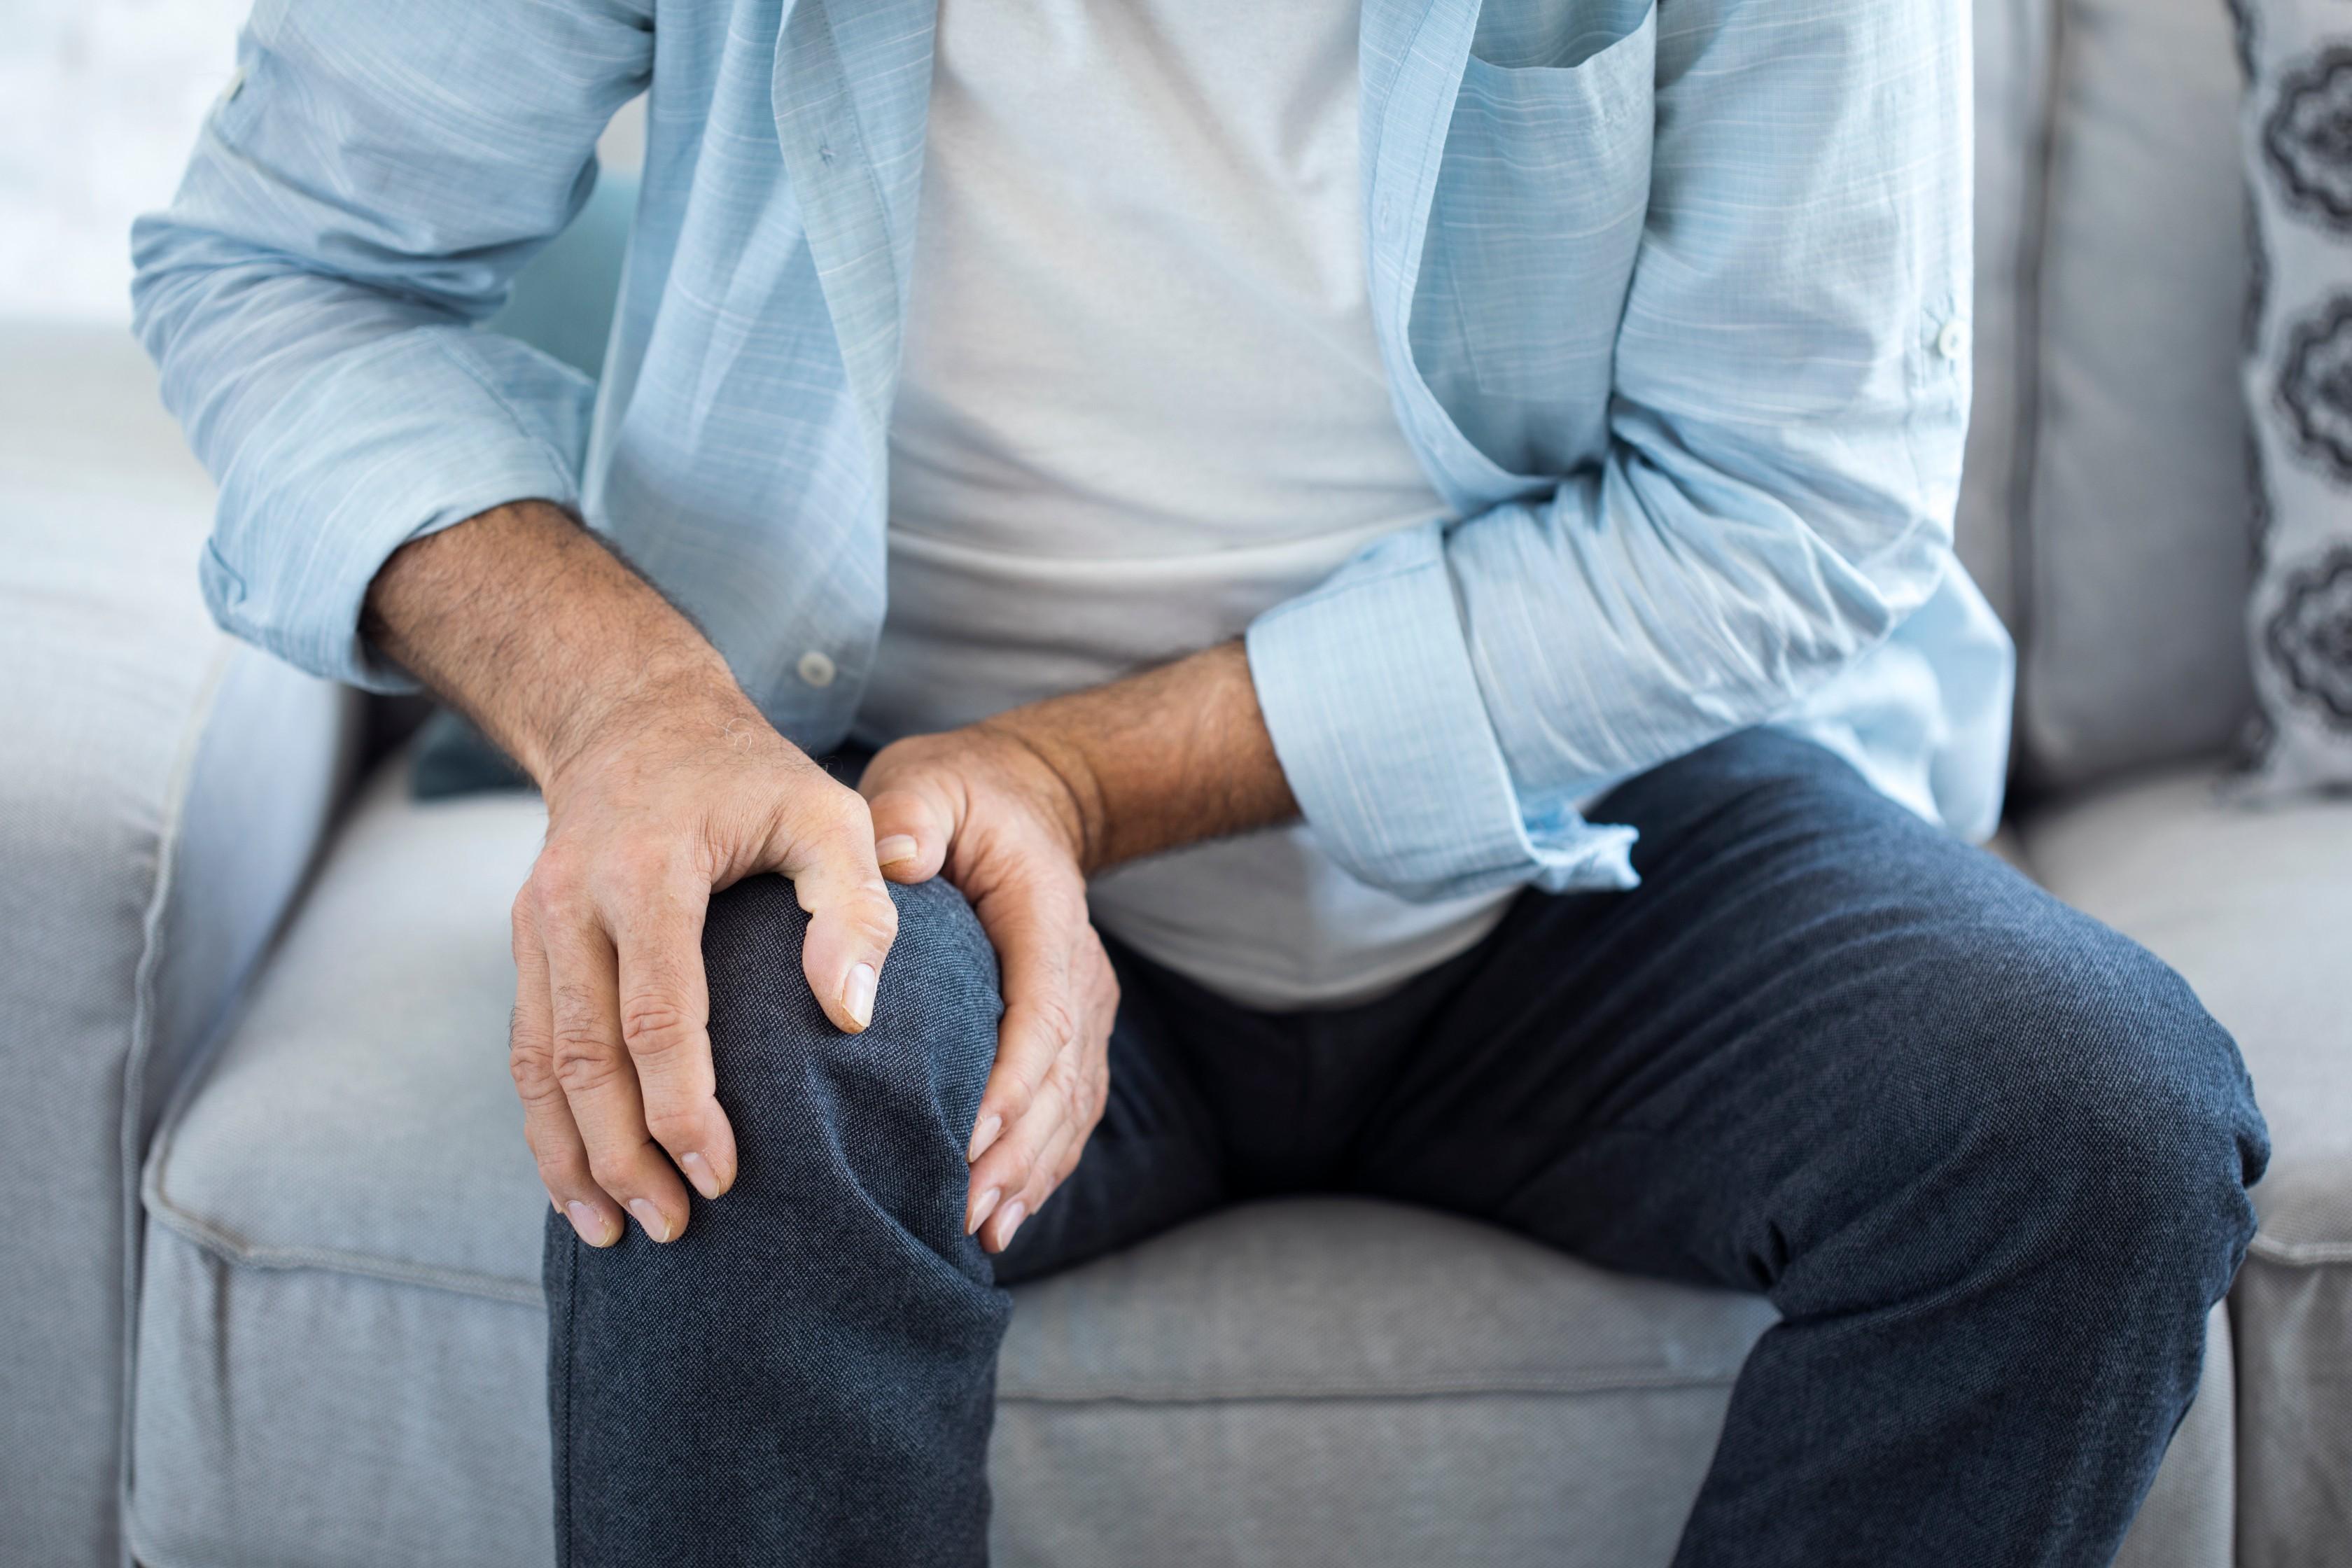 Ízületi gyulladás: az idősebb nők betegsége? - EgészségKalauz